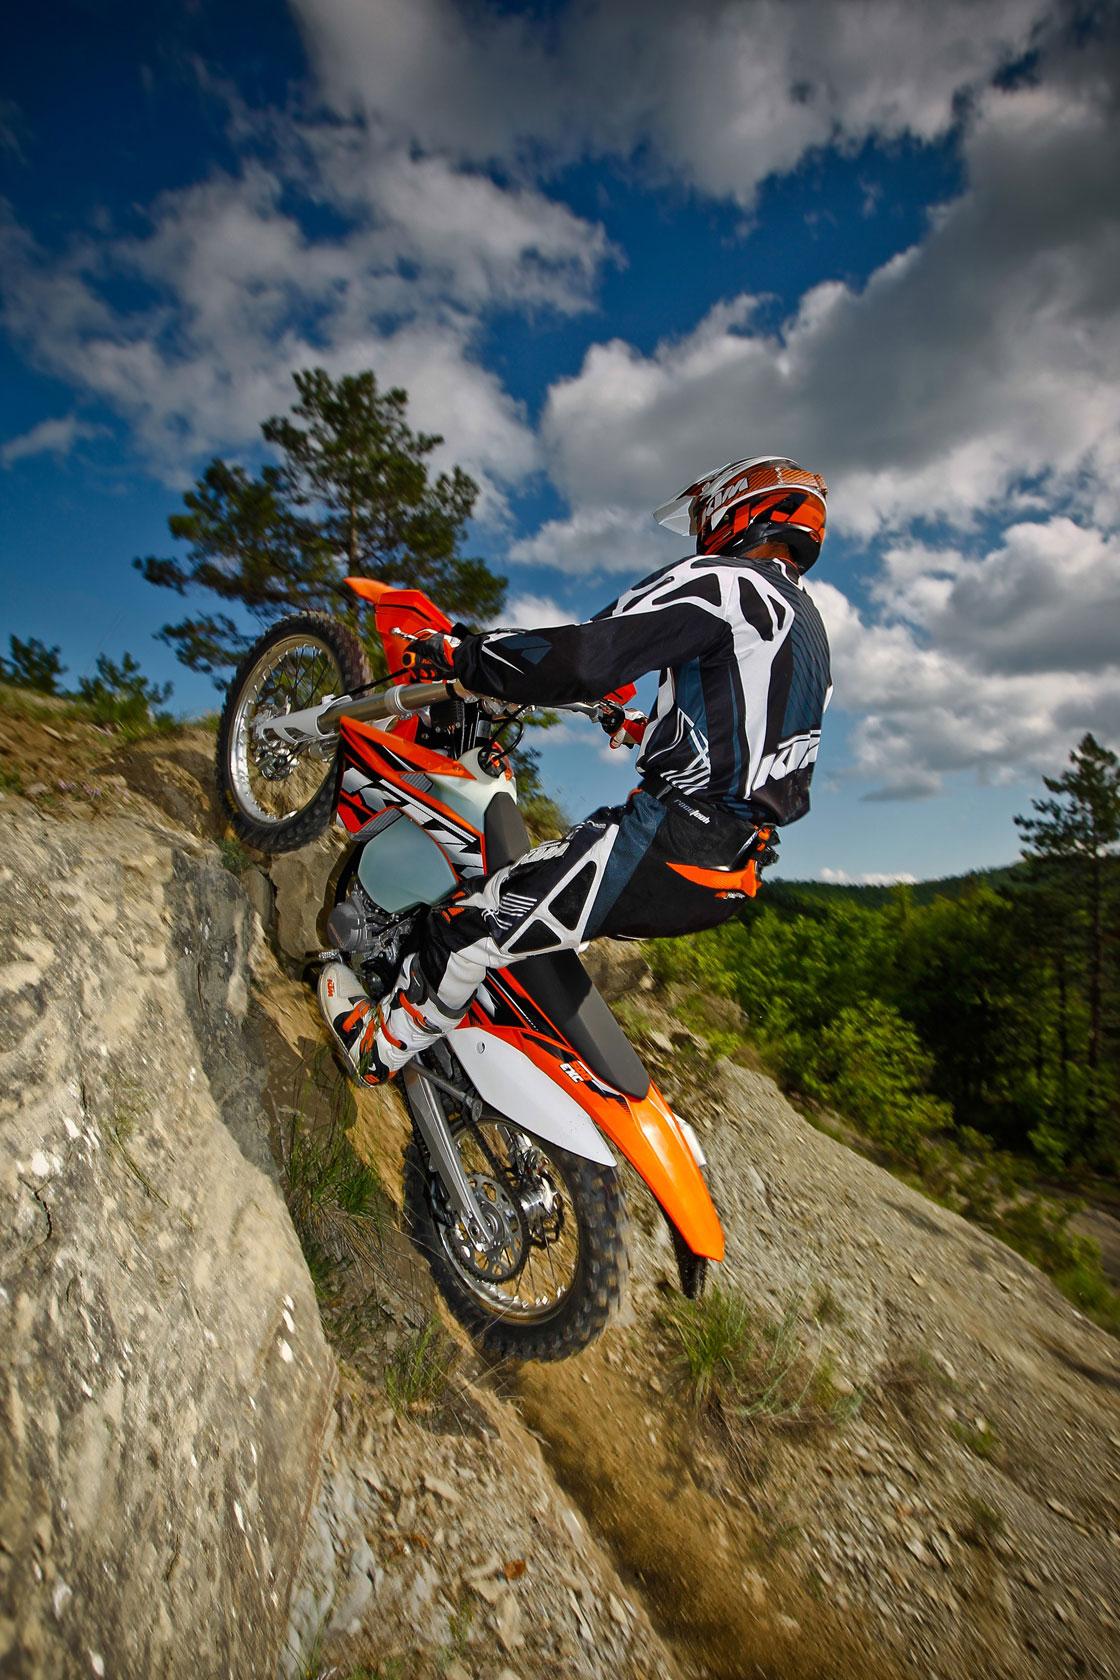 Фото № 3316 Запчасти для мотоцикла mz 150